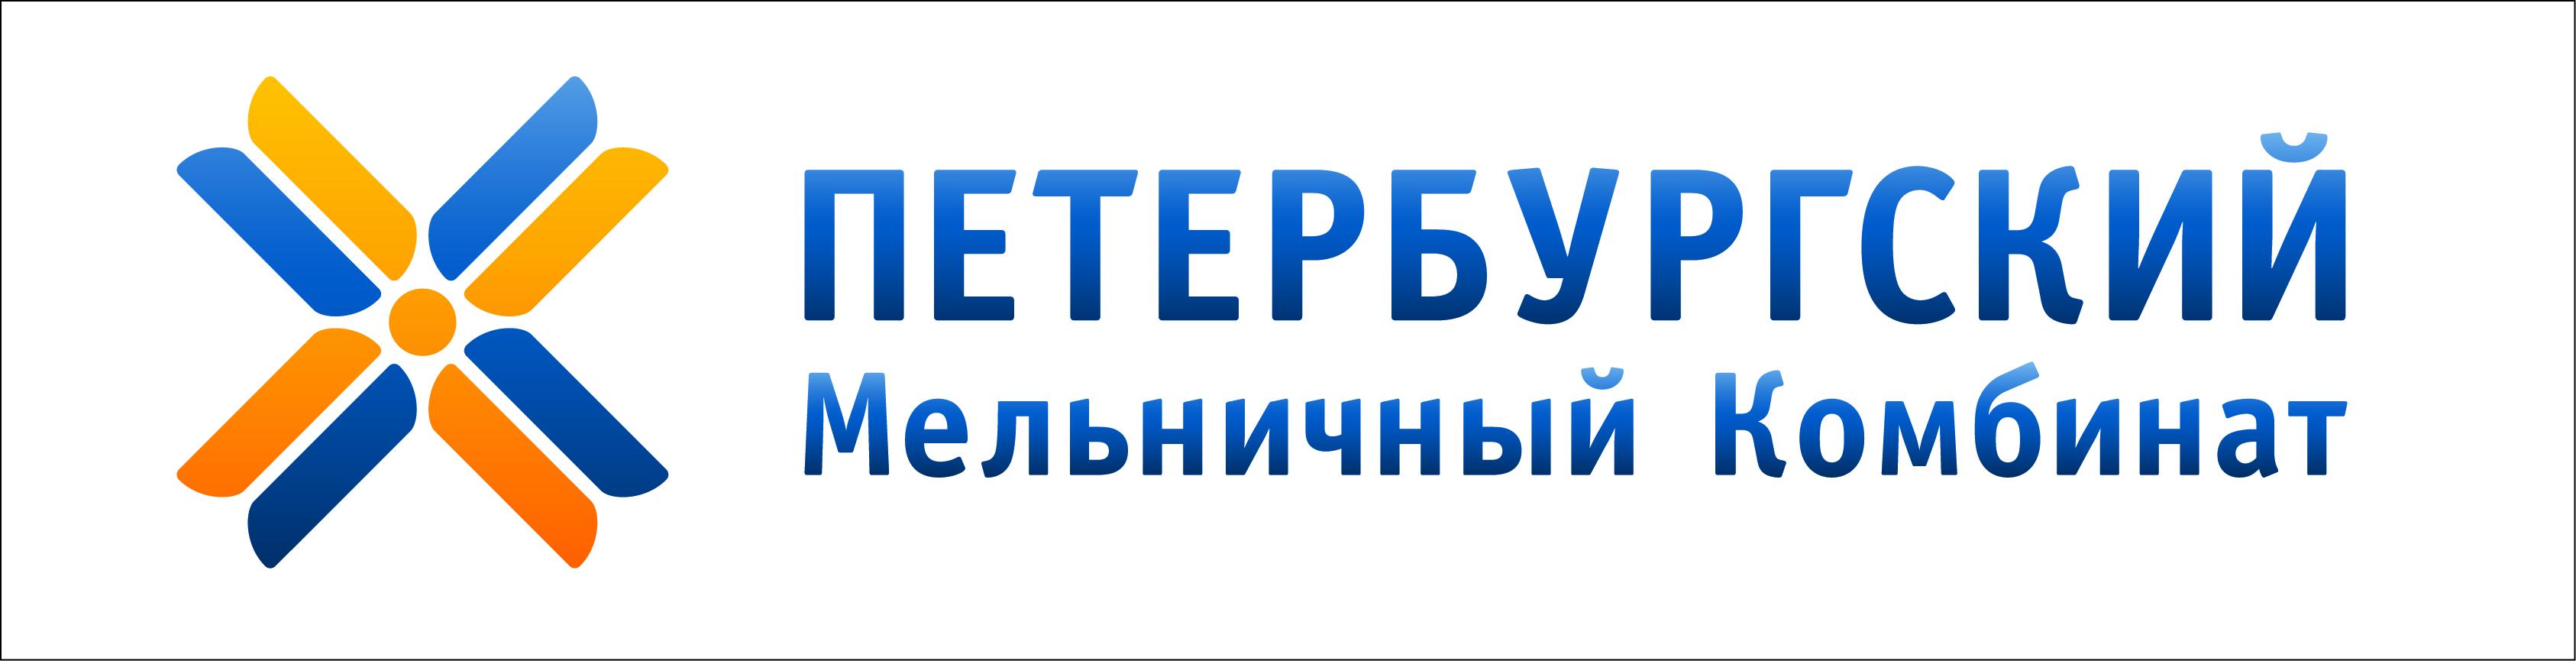 PMK_logo jpg.jpg